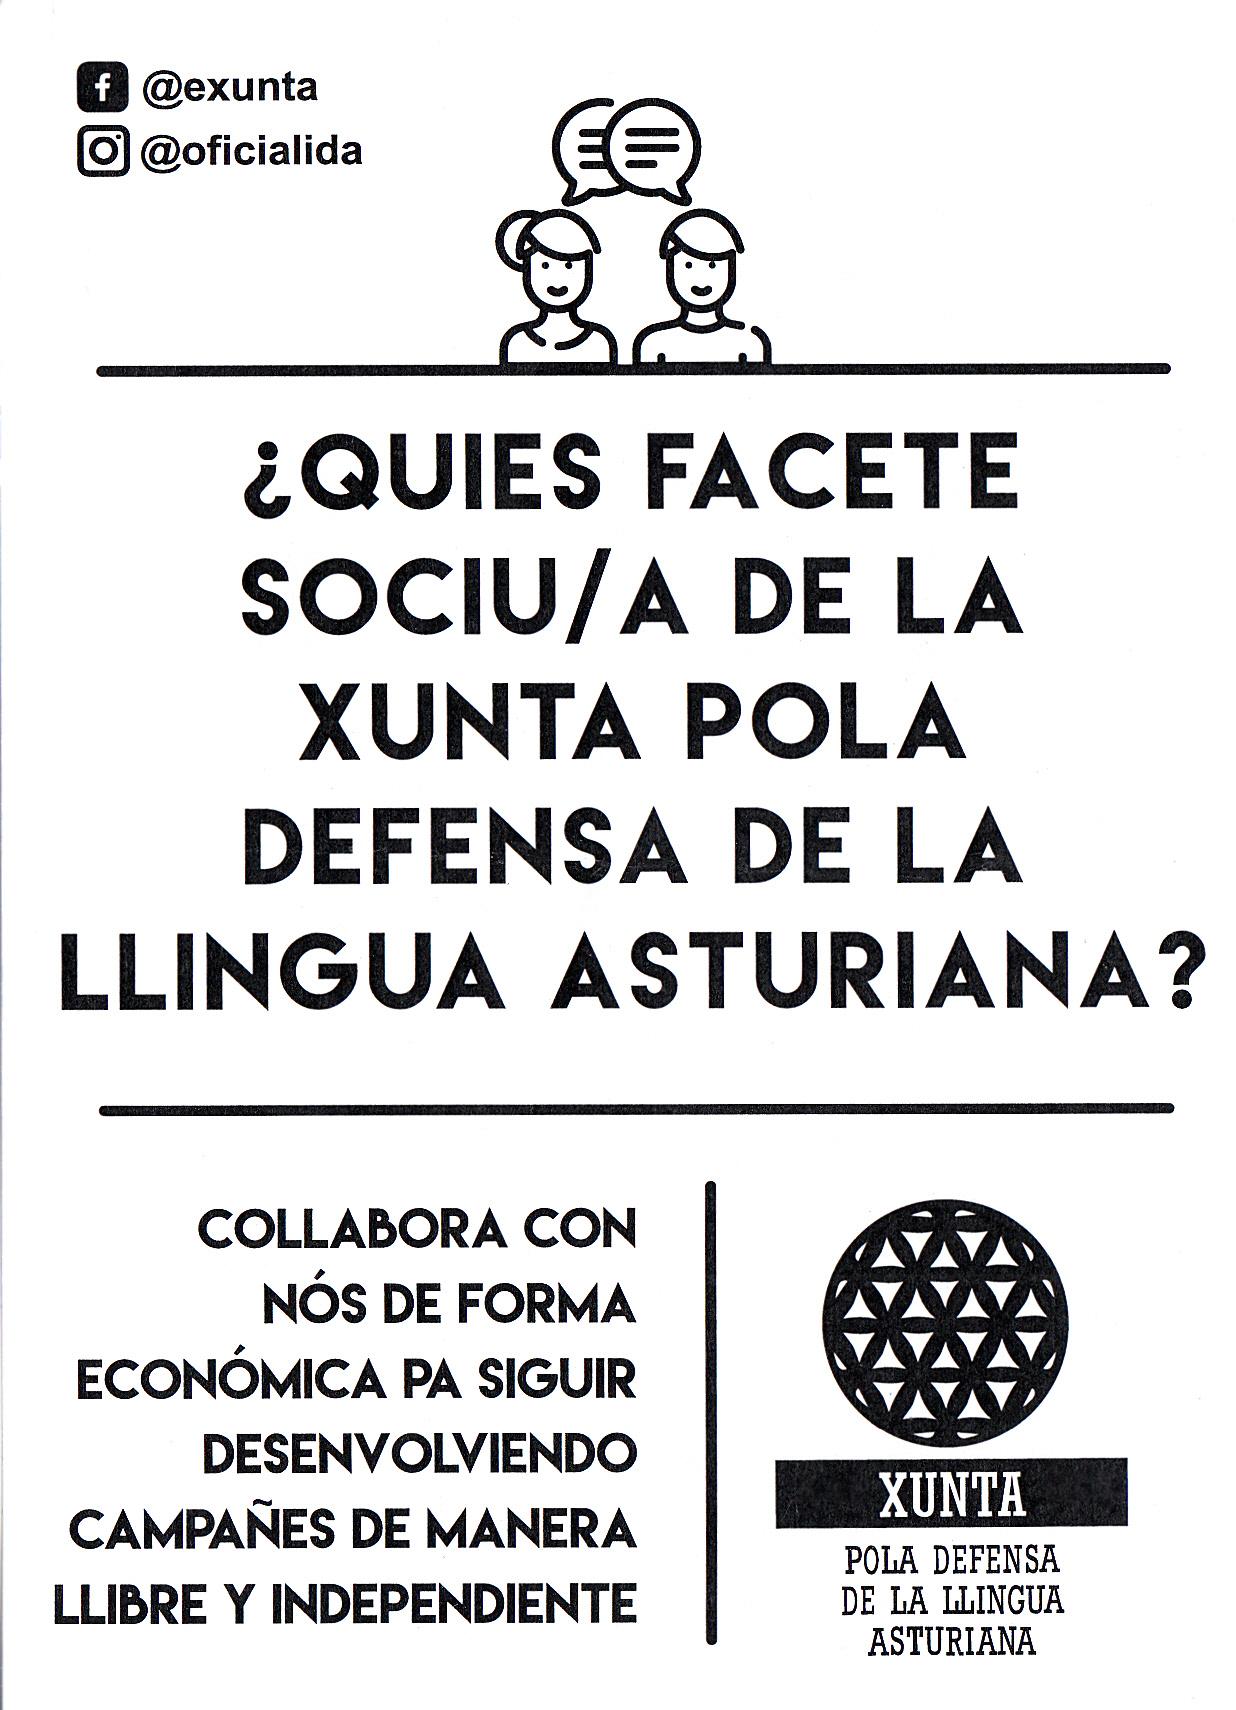 Xunta_0005